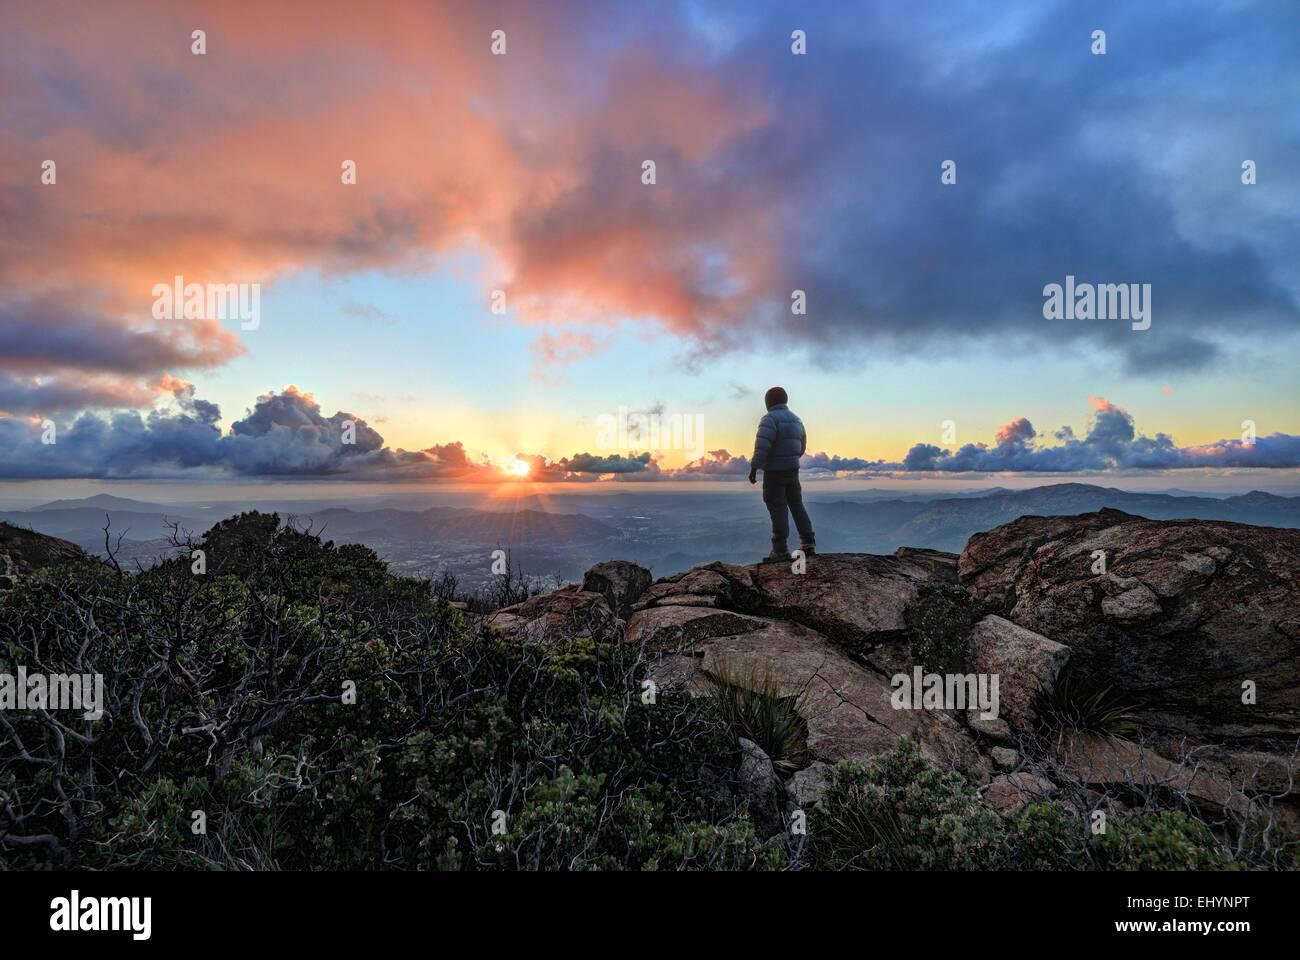 Uomo maturo in piedi su una montagna al tramonto, Cleveland National Forest, Stati Uniti d'America Immagini Stock